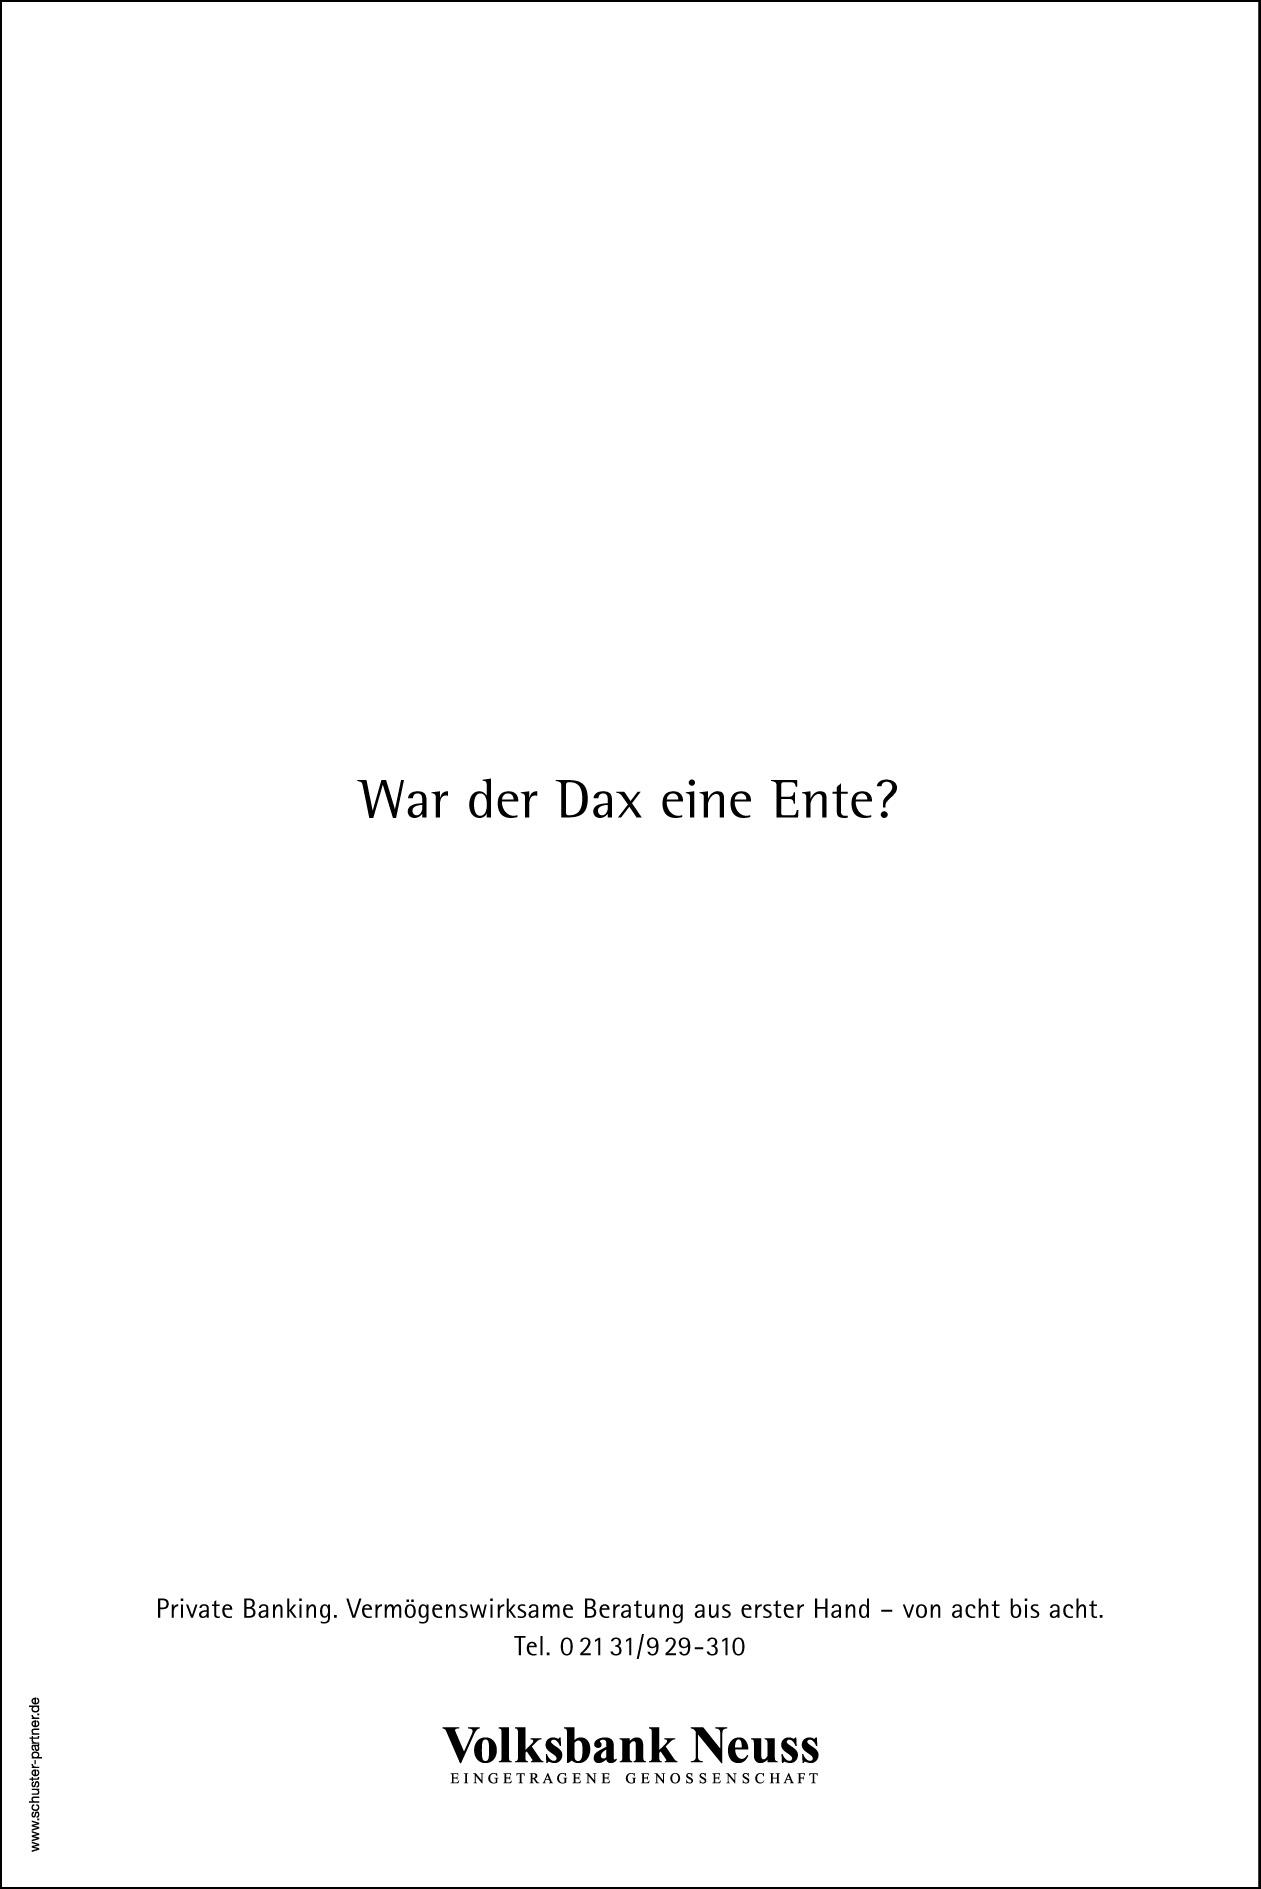 Volksbank Tageszeitungsanzeige: Textanzeige 1